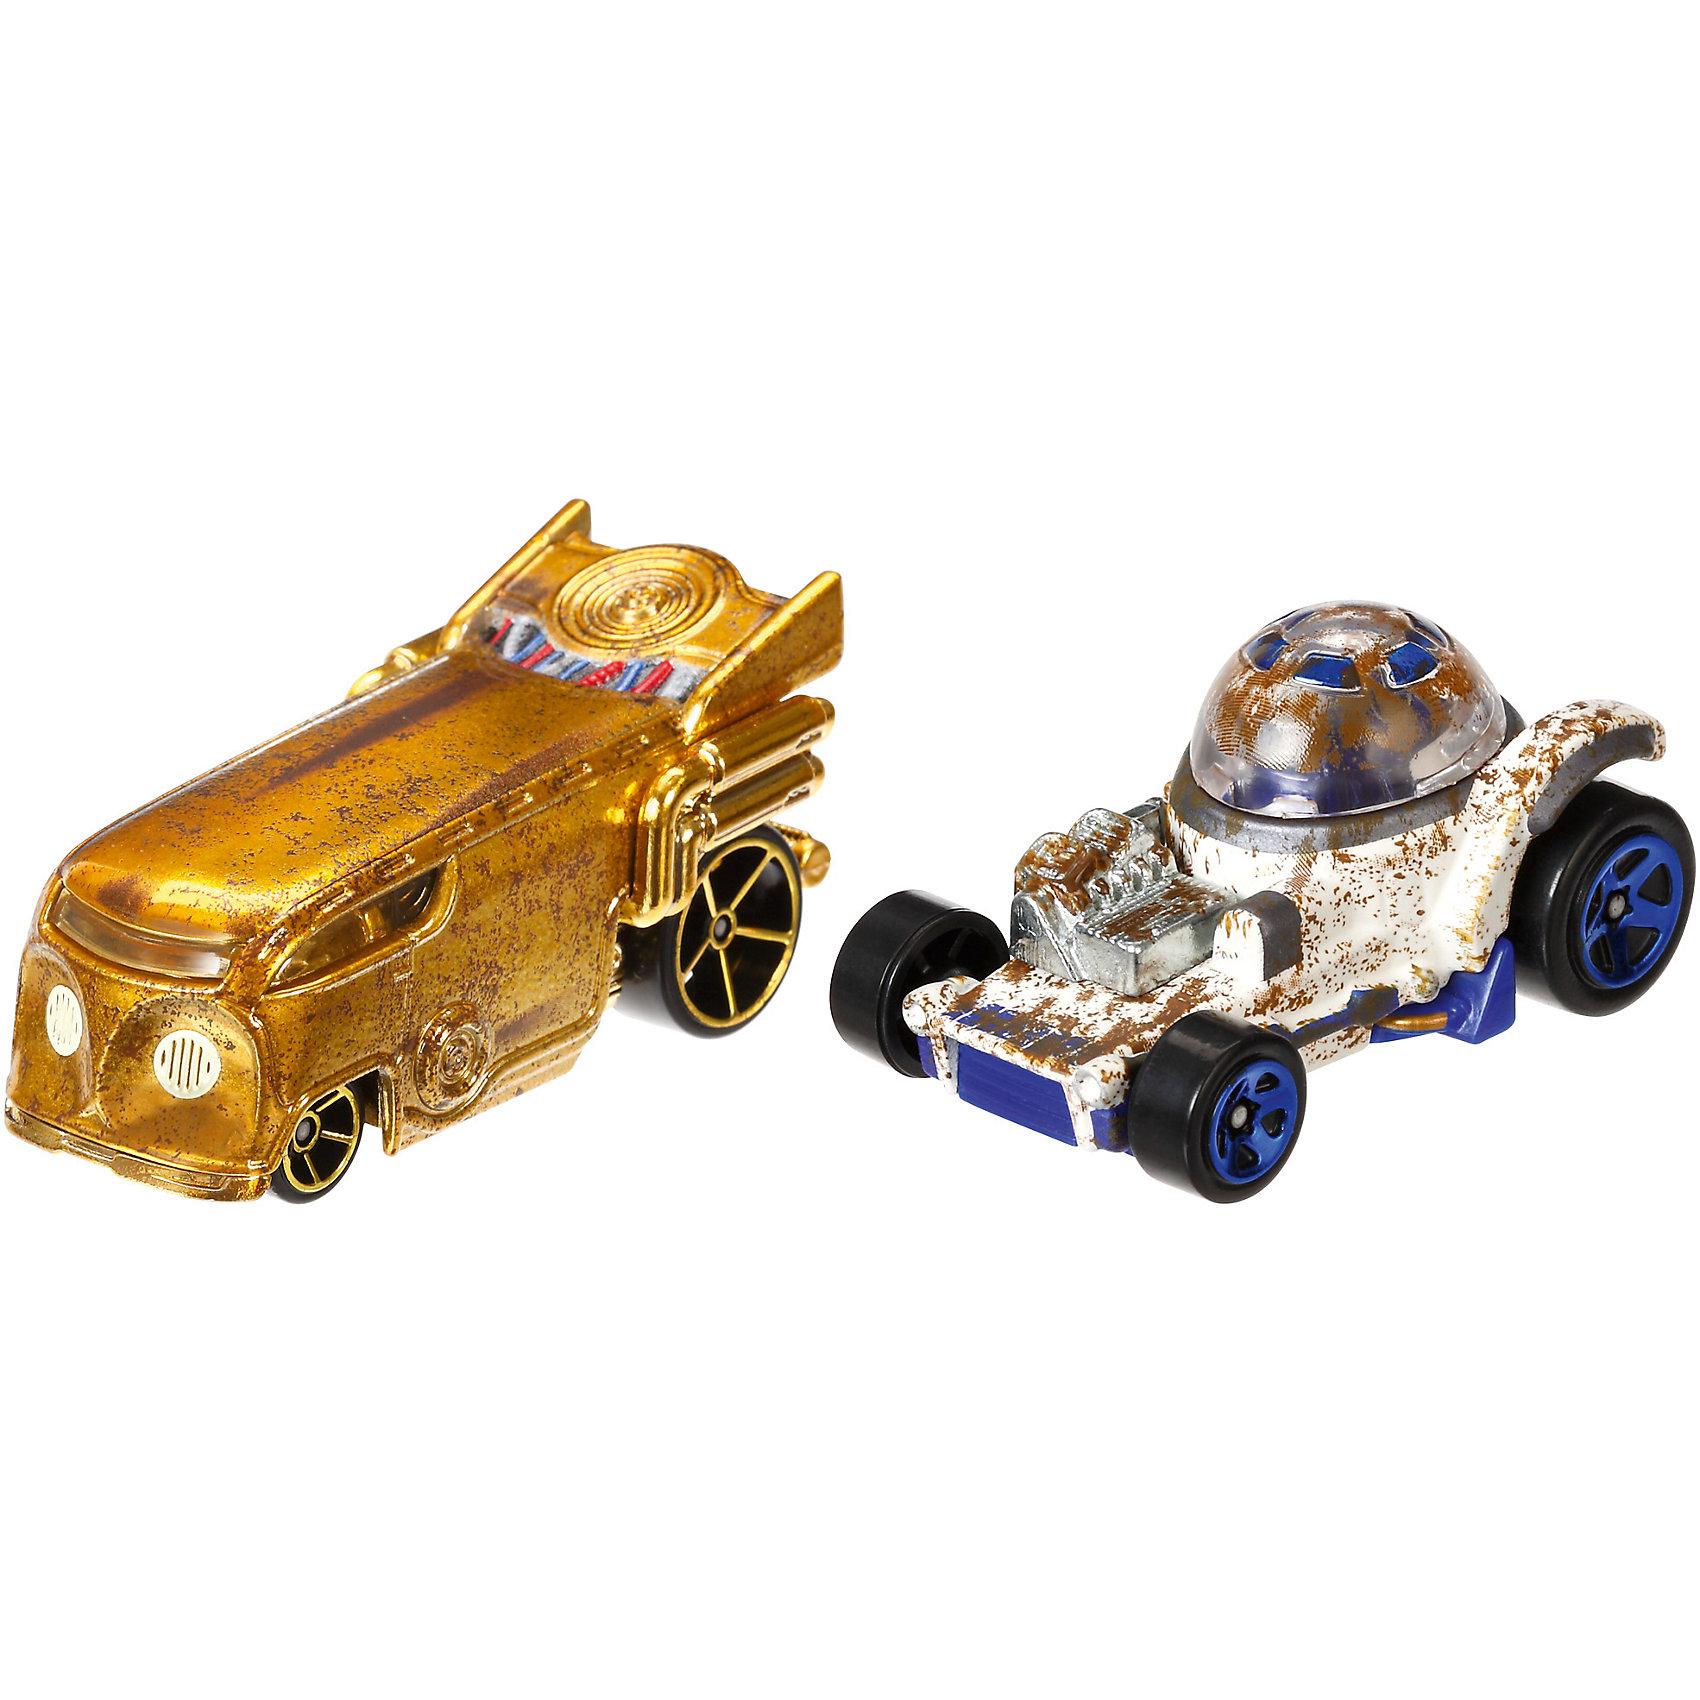 Набор из 2-х машинок Звездные войны, Hot WheelsБазовые машинки Star Wars, Hot Wheels (Хот Вилс) – этот набор порадует юного автолюбителя и поклонника межгалактических приключений. В этом наборе от Хот Вилс любимые миллионами персонажи «Звездных войн» робот C-3PO и астродроид R2D2 предстают в виде машинок. Несмотря на то, что их внешний вид в фильмах нисколько не походил на машины, каждый персонаж прекрасно узнаваем по цветам и характерным деталям, которые перешли от героев в дизайн автомобилей. Машинки понравятся поклонникам всех возрастов: соберите полную коллекцию и устраивайте гонки по всей галактике!  <br><br>Дополнительная информация:  <br>- В комплекте: 2 машины <br>- Масштаб: 1:64 <br>- Материал: пластик, металл <br>- Упаковка: блистер на картоне <br>- Размер упаковки: 20,3 x 6,4 x 16,5 см.  <br><br>Базовые машинки Star Wars, Hot Wheels (Хот Вилс) можно купить в нашем интернет-магазине.<br><br>Ширина мм: 201<br>Глубина мм: 164<br>Высота мм: 67<br>Вес г: 130<br>Возраст от месяцев: 36<br>Возраст до месяцев: 72<br>Пол: Мужской<br>Возраст: Детский<br>SKU: 4744611